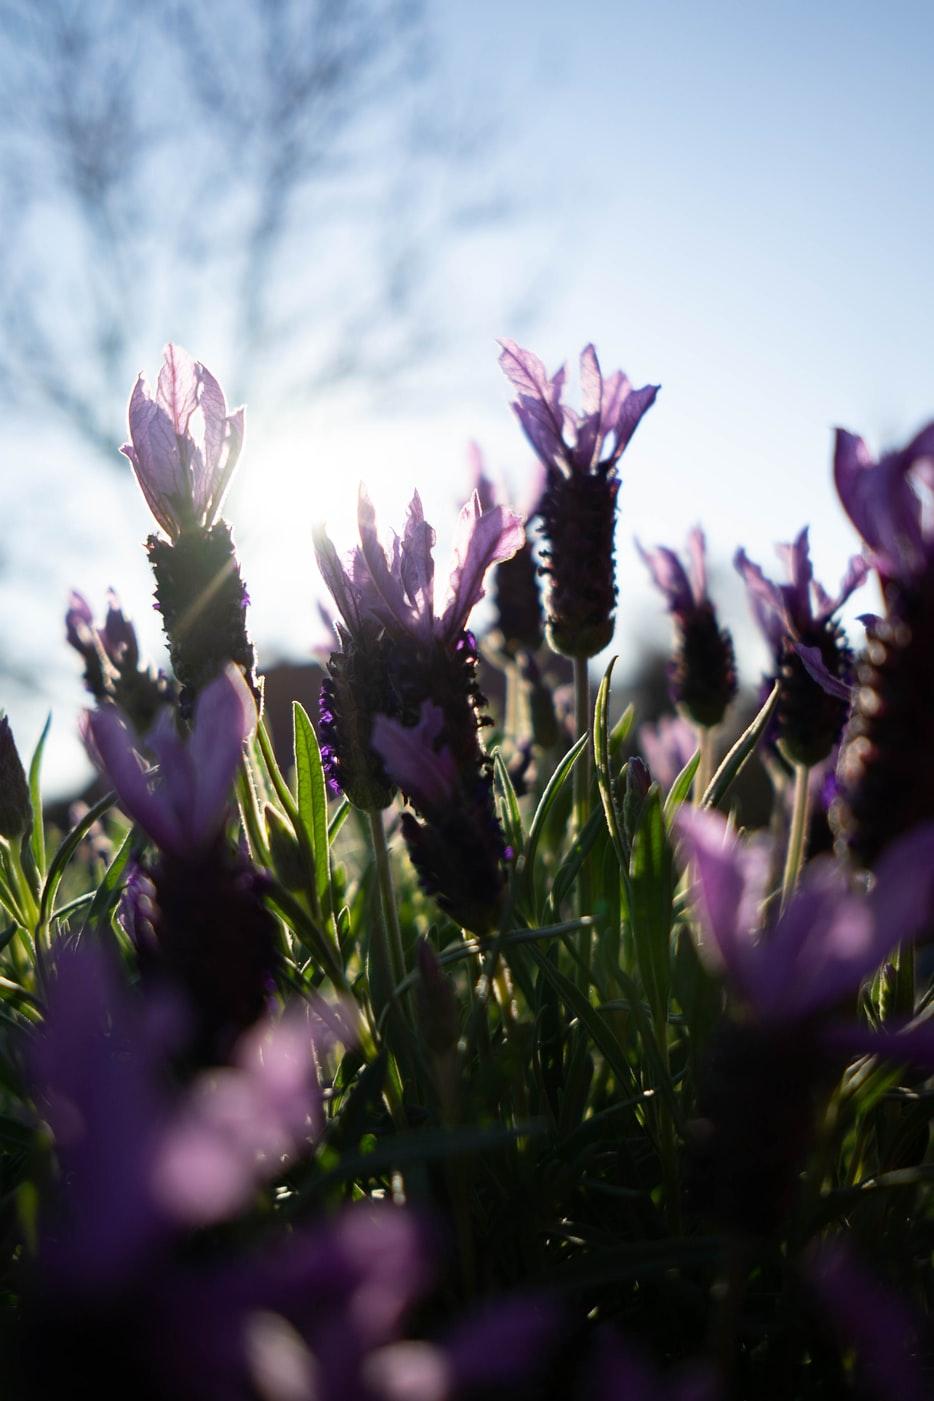 Lavendel schneiden (7 Tipps für Profis)